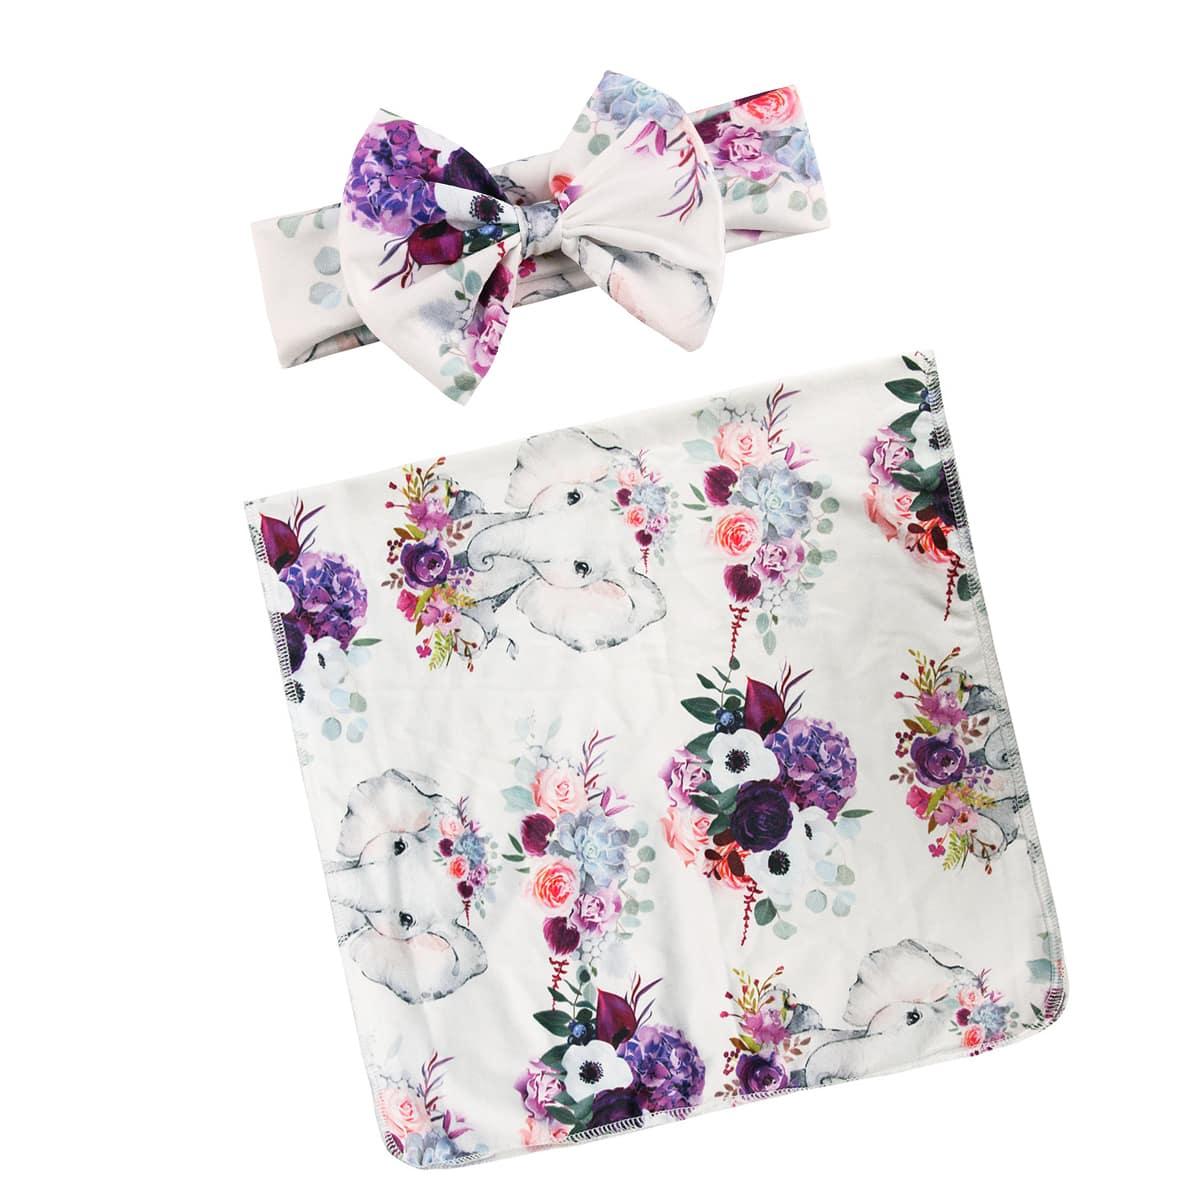 Одеяло и повязка на голову с цветочным принтом для фотографии новорожденных девочек